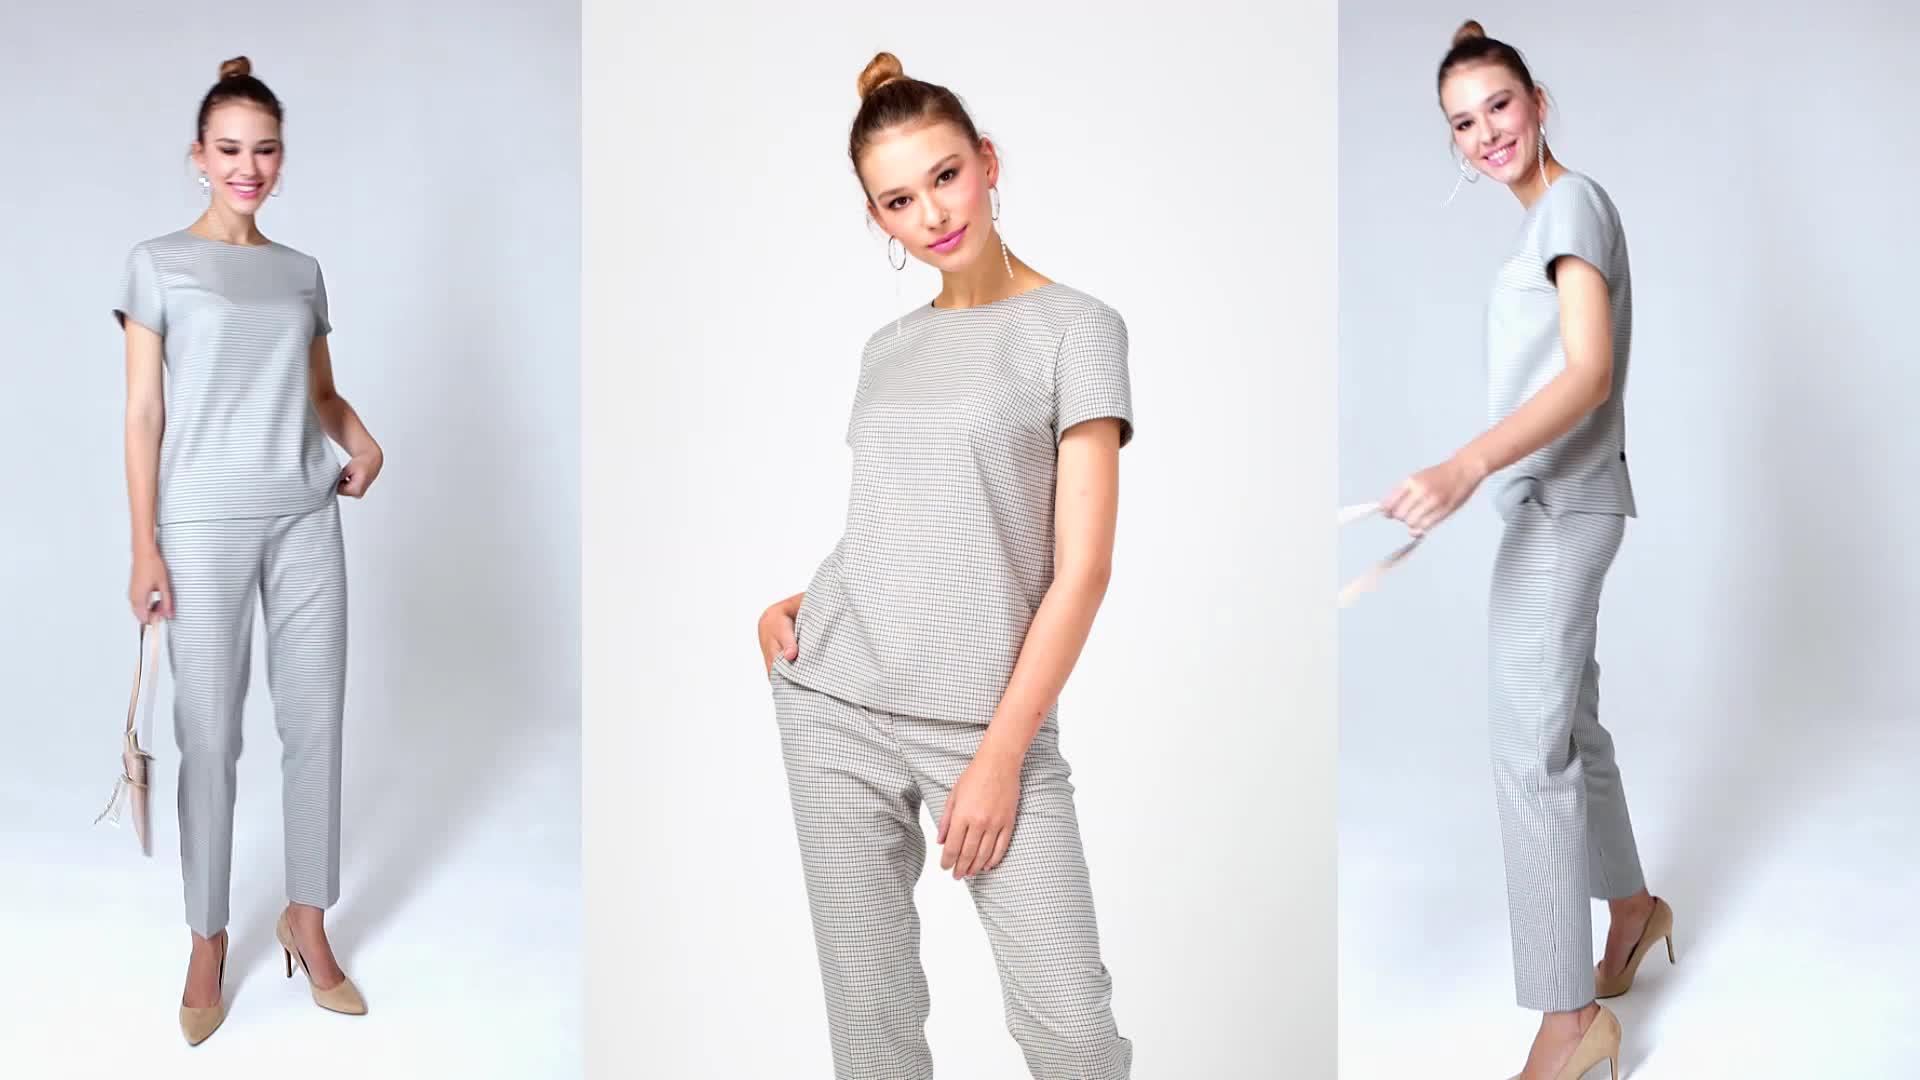 dda3c4292e3 Купить нарядную женскую блузку Г664-751 с бесплатной доставкой по России и  примеркой